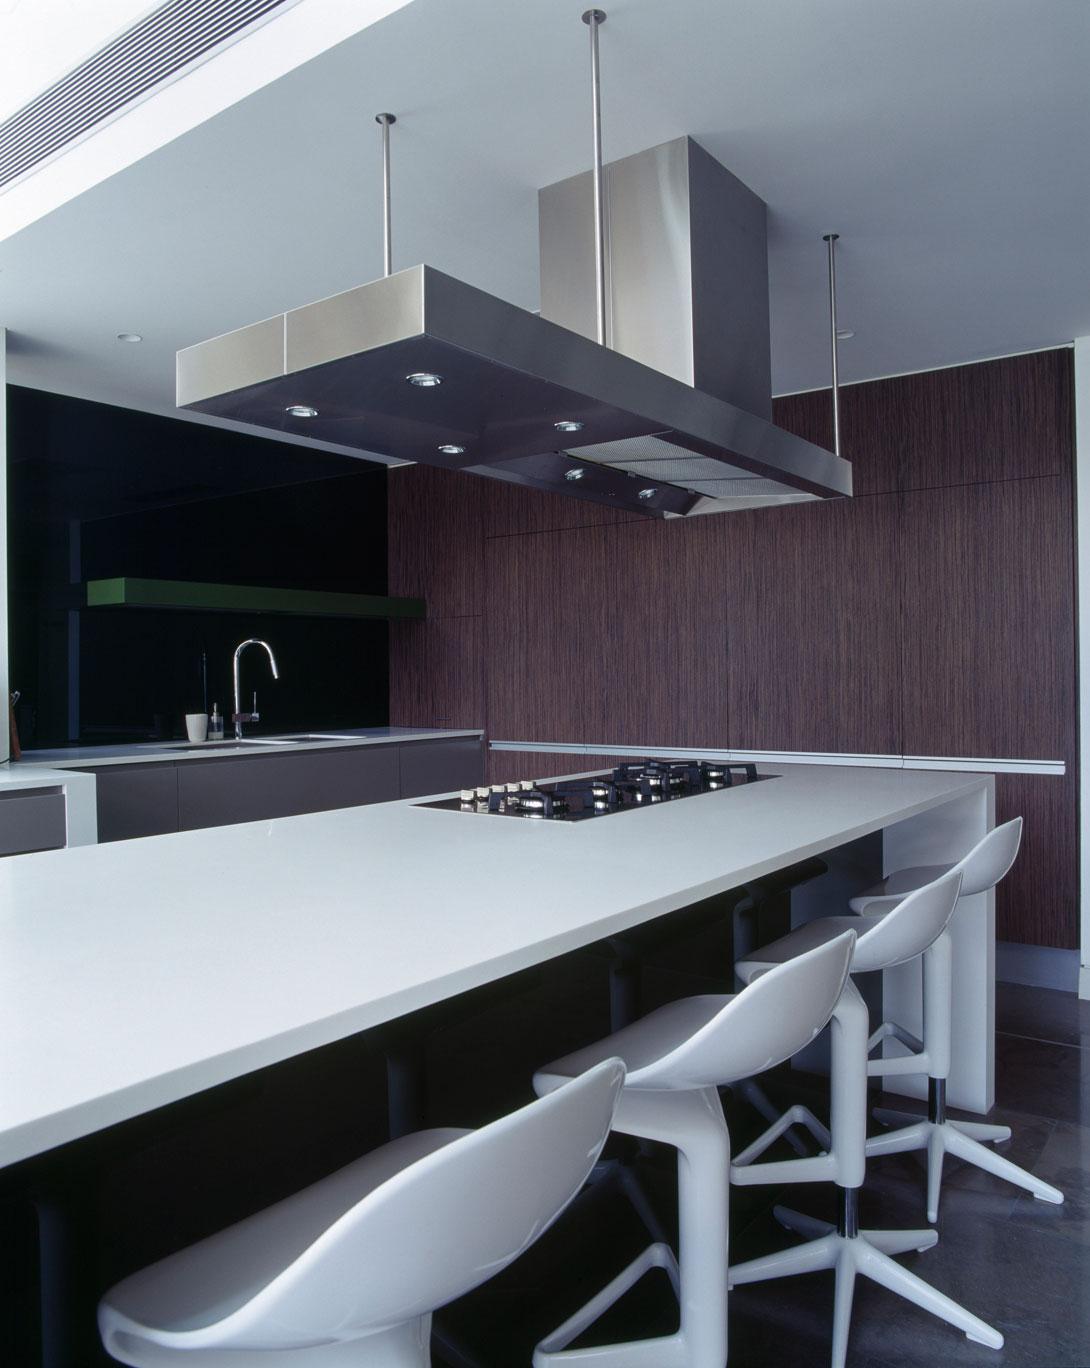 Architetturedinterni-Raffinato-stile-urbano-a Sydney-17